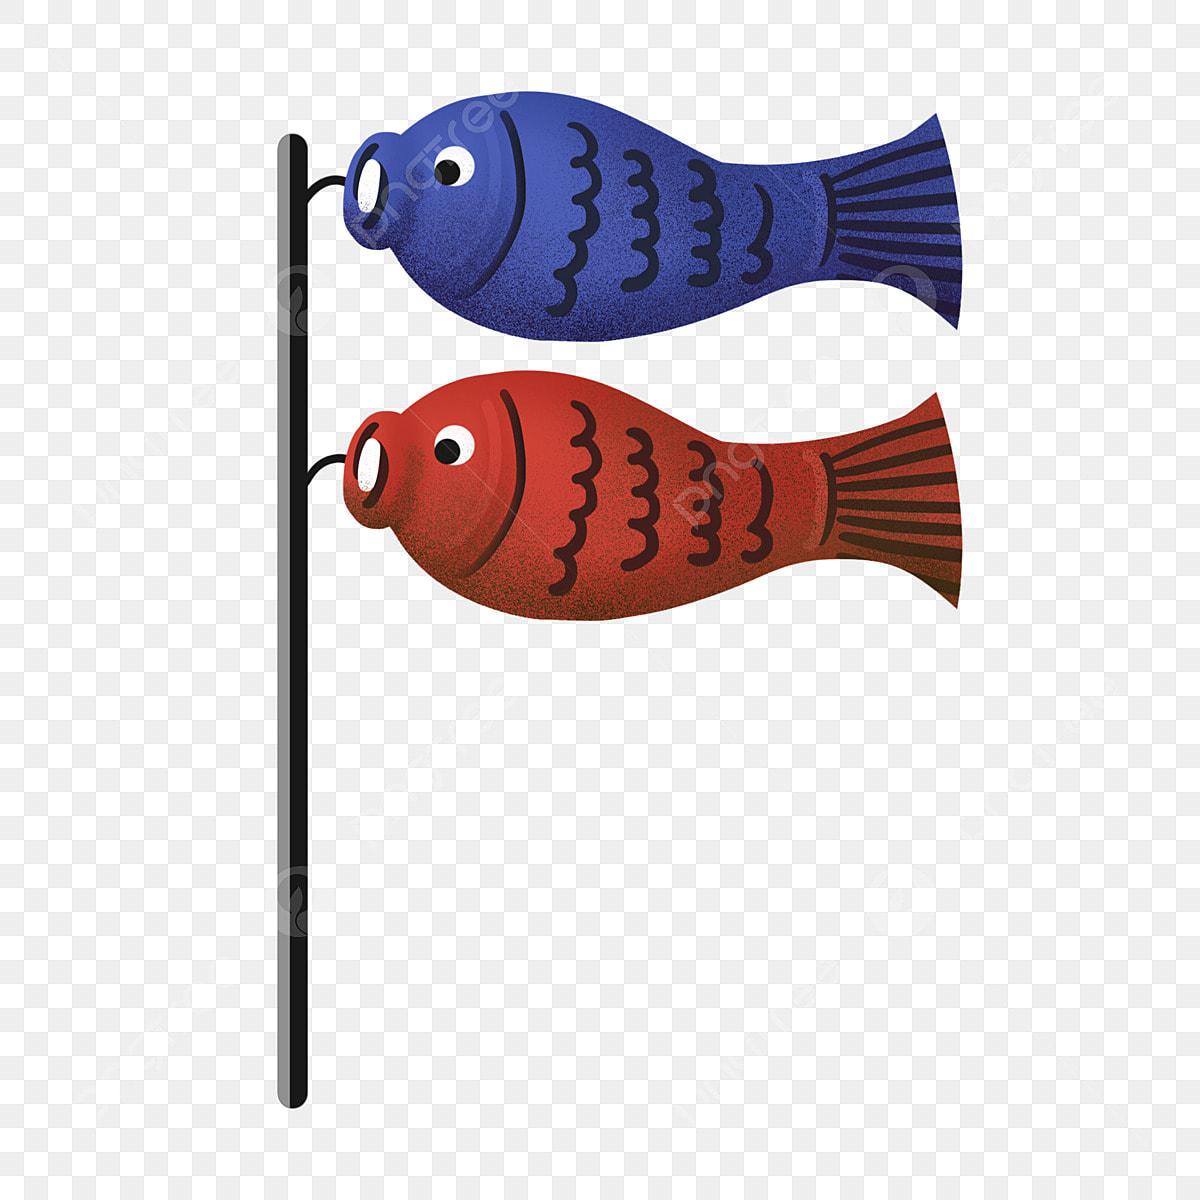 Gambar Bendera Ikan Mas Gaya Jepun Sepanduk Karp Gaya Jepun Sepanduk Karp Merah Dan Biru Tiang Bendera Png Dan Psd Untuk Muat Turun Percuma